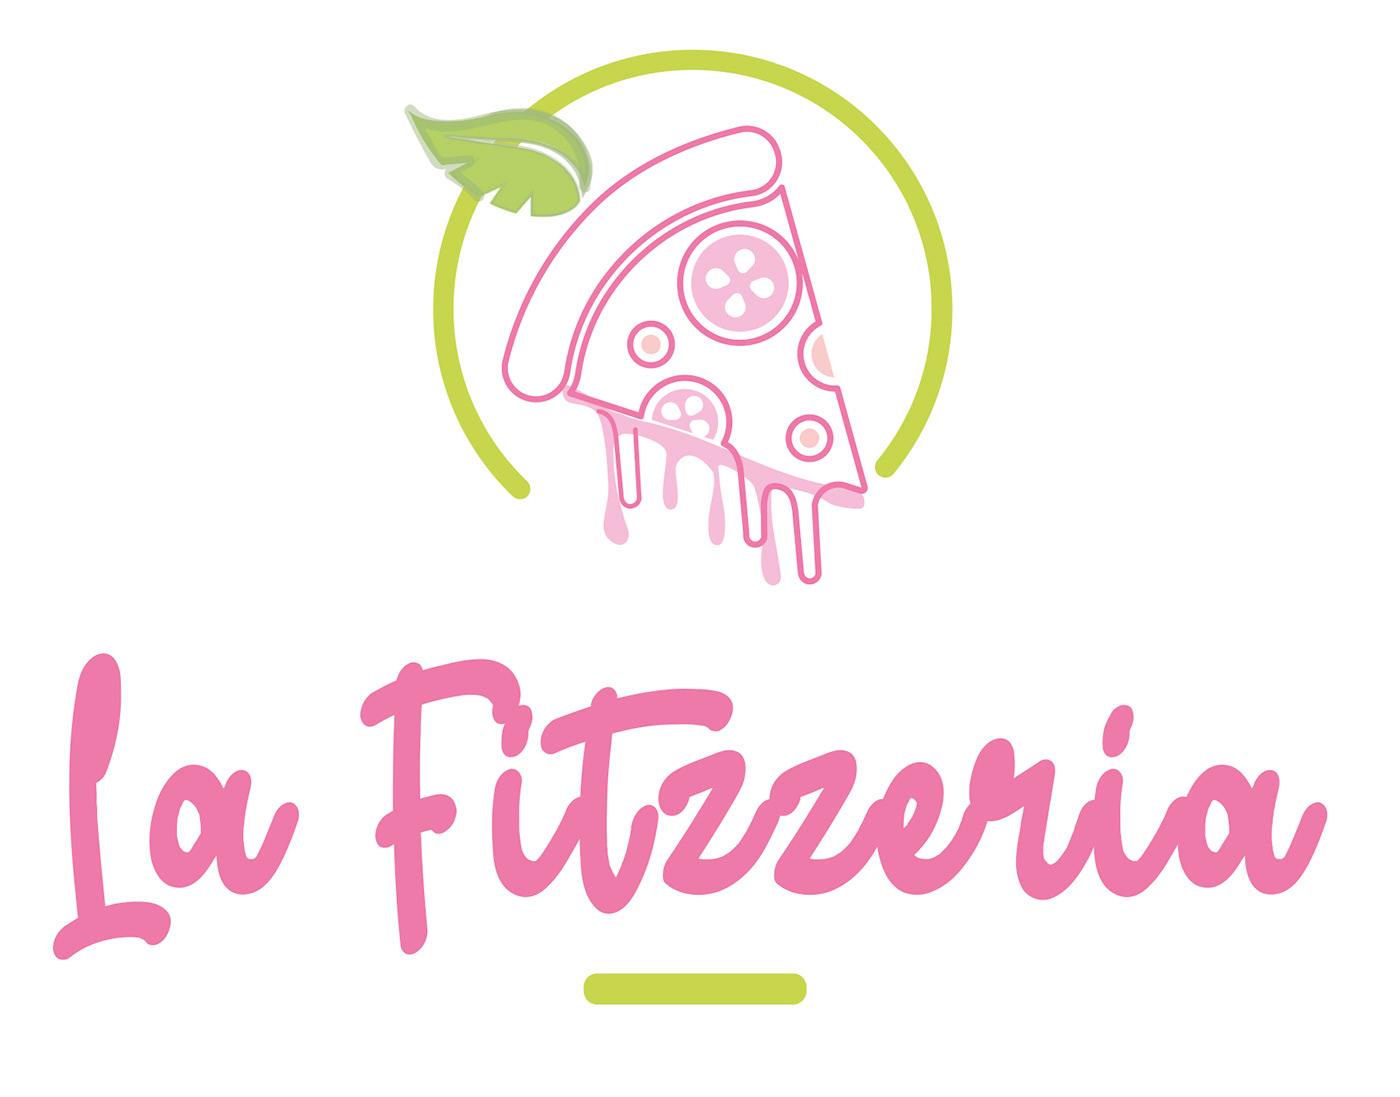 Branding La Fitzzeria